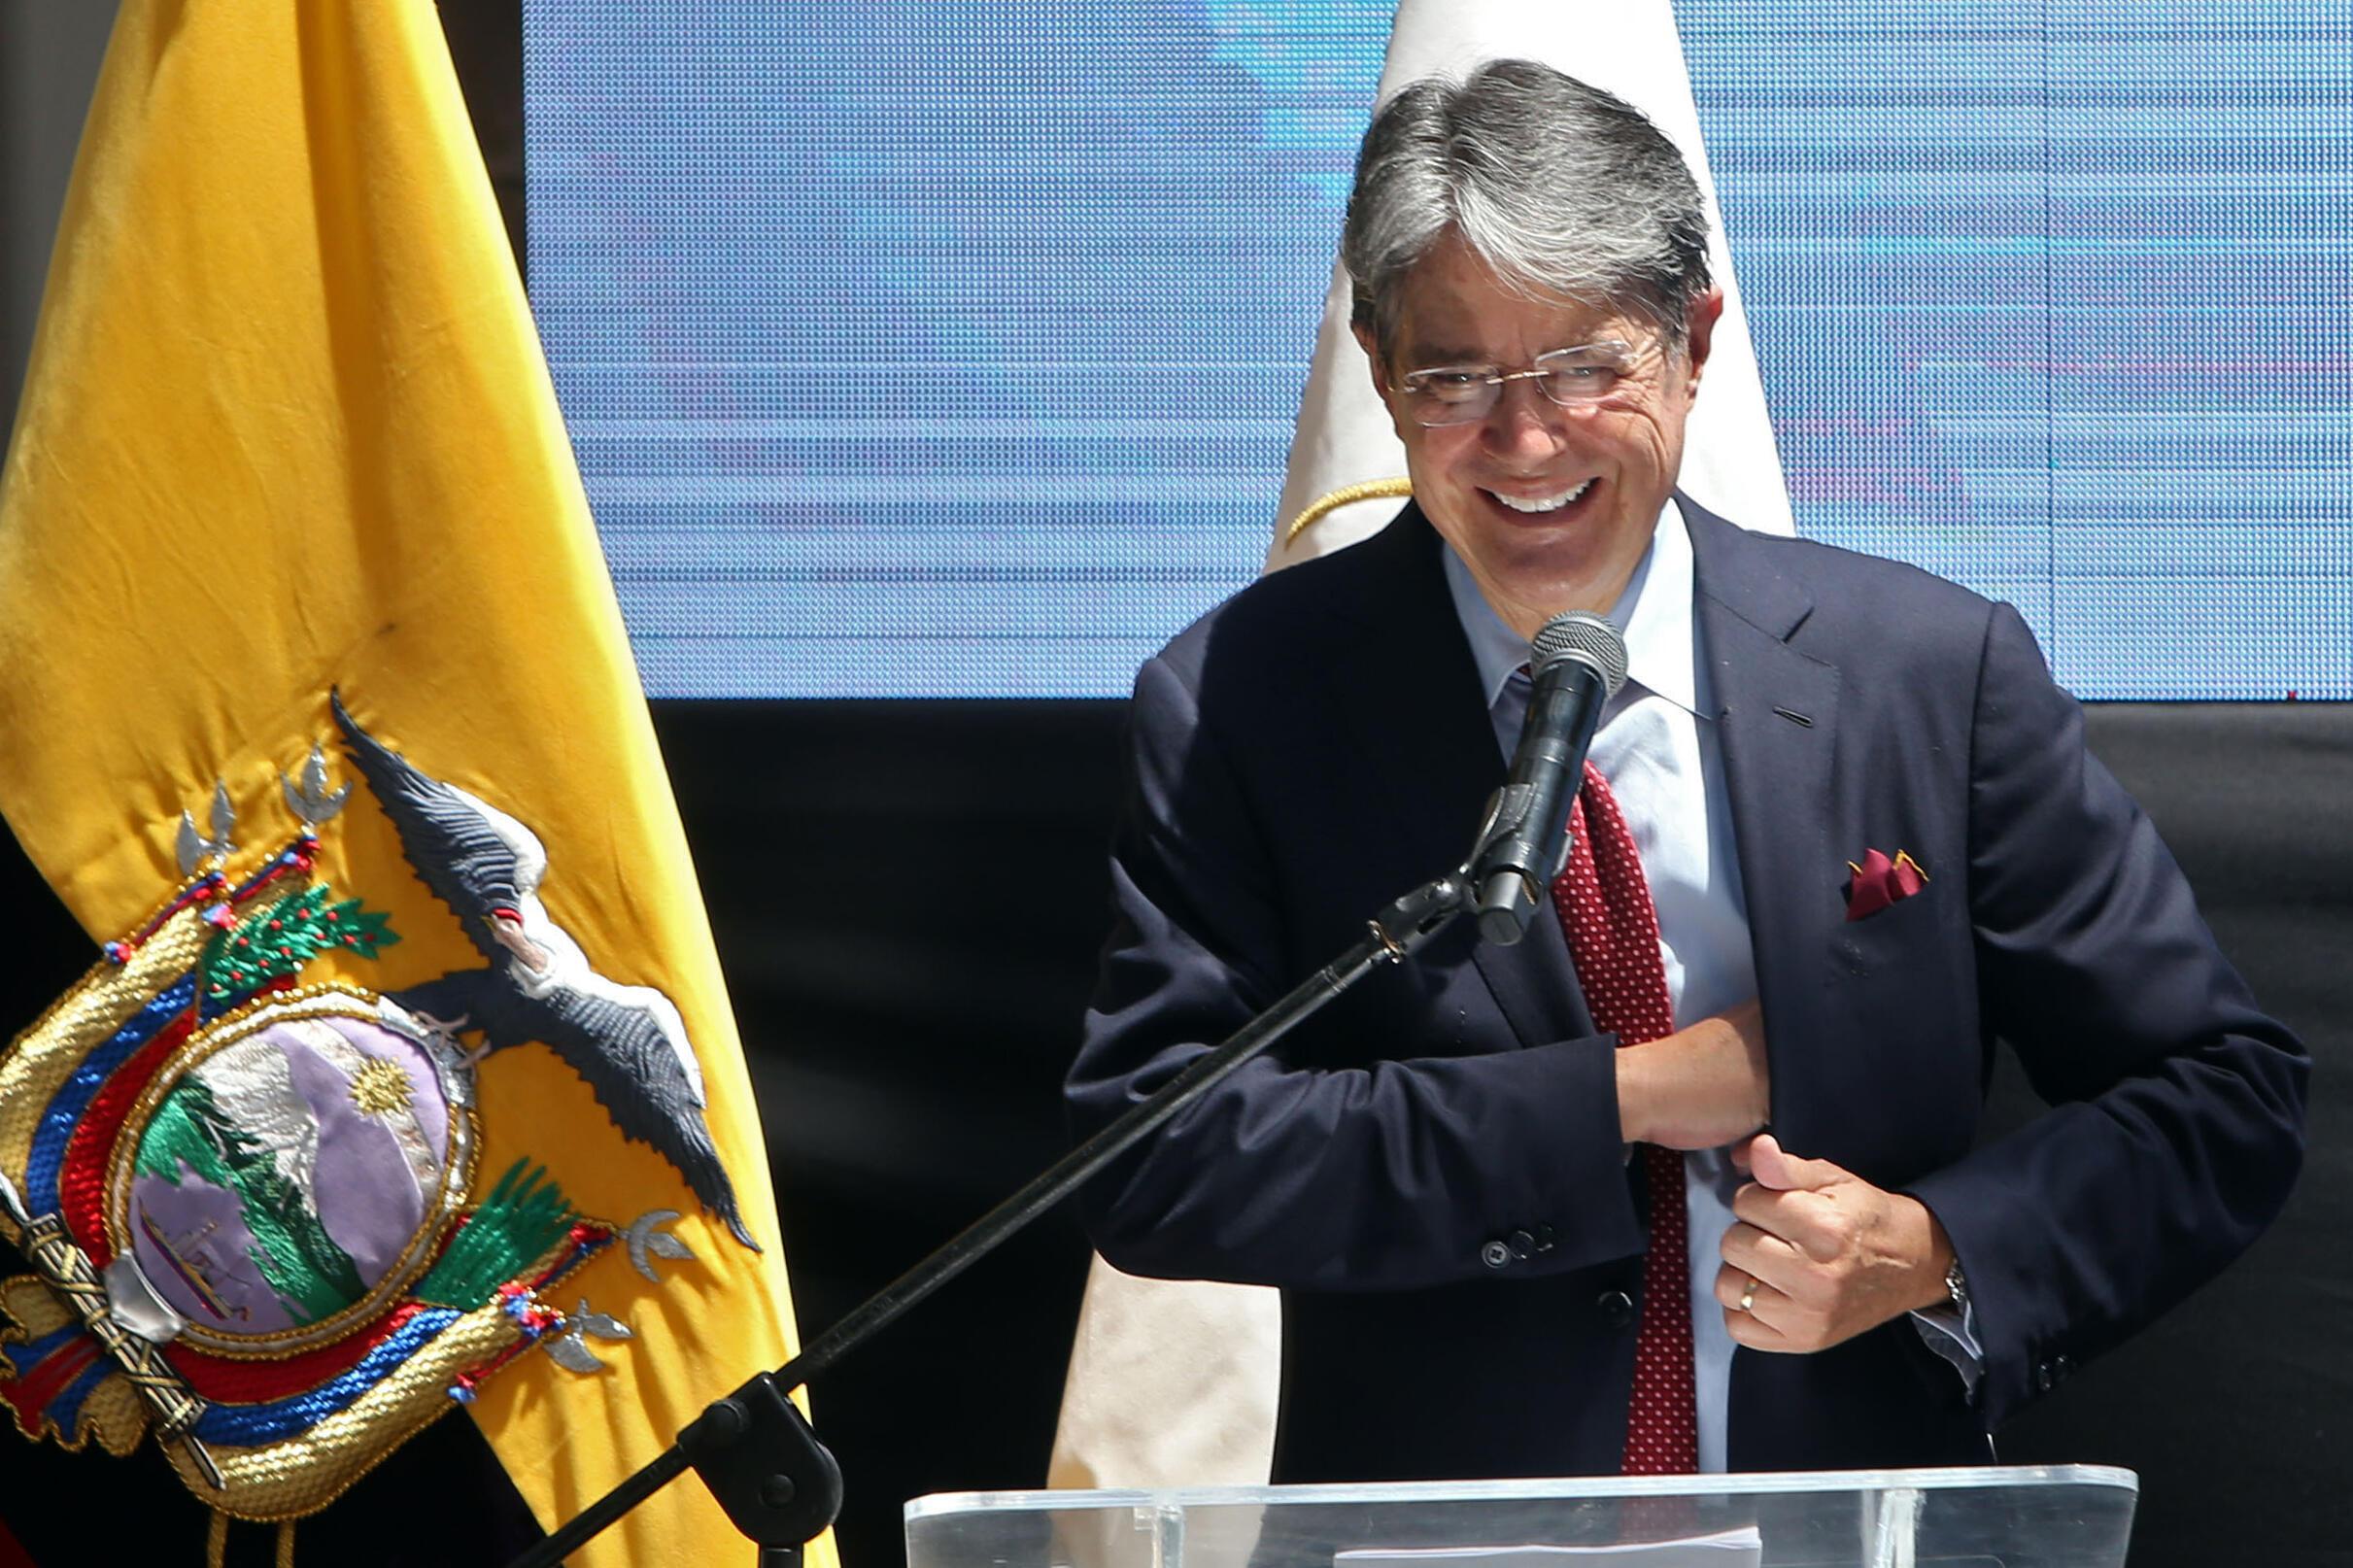 El presidente electo de Ecuador, Guillermo Lasso, da un discurso tras recibir sus credenciales del Consejo Nacional Electoral el 19 de mayo de 2021